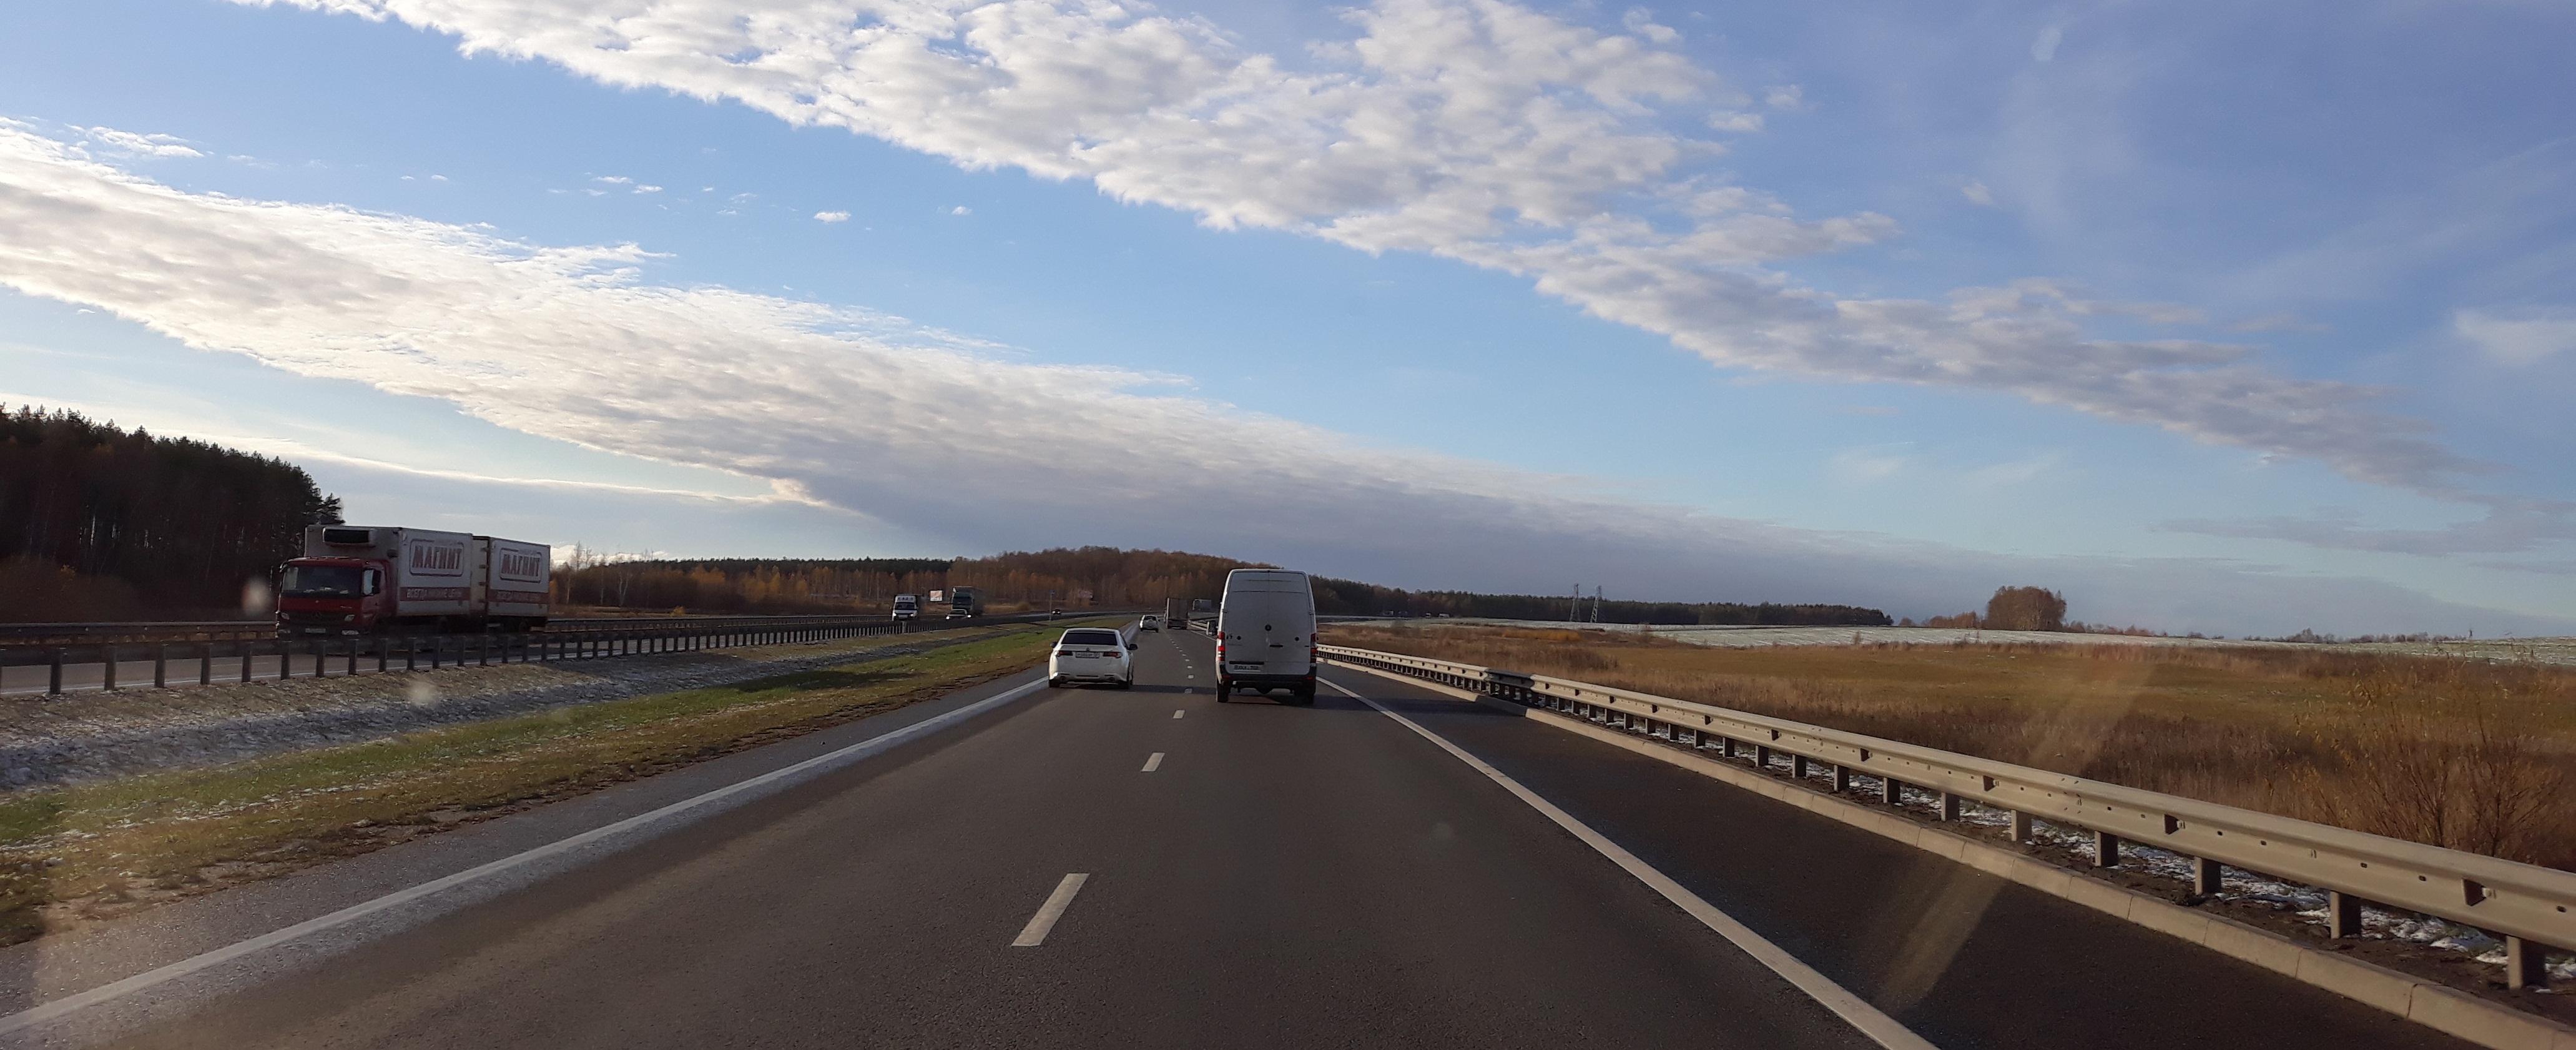 Грузоперевозки из Москвы в область Рязанское шоссе